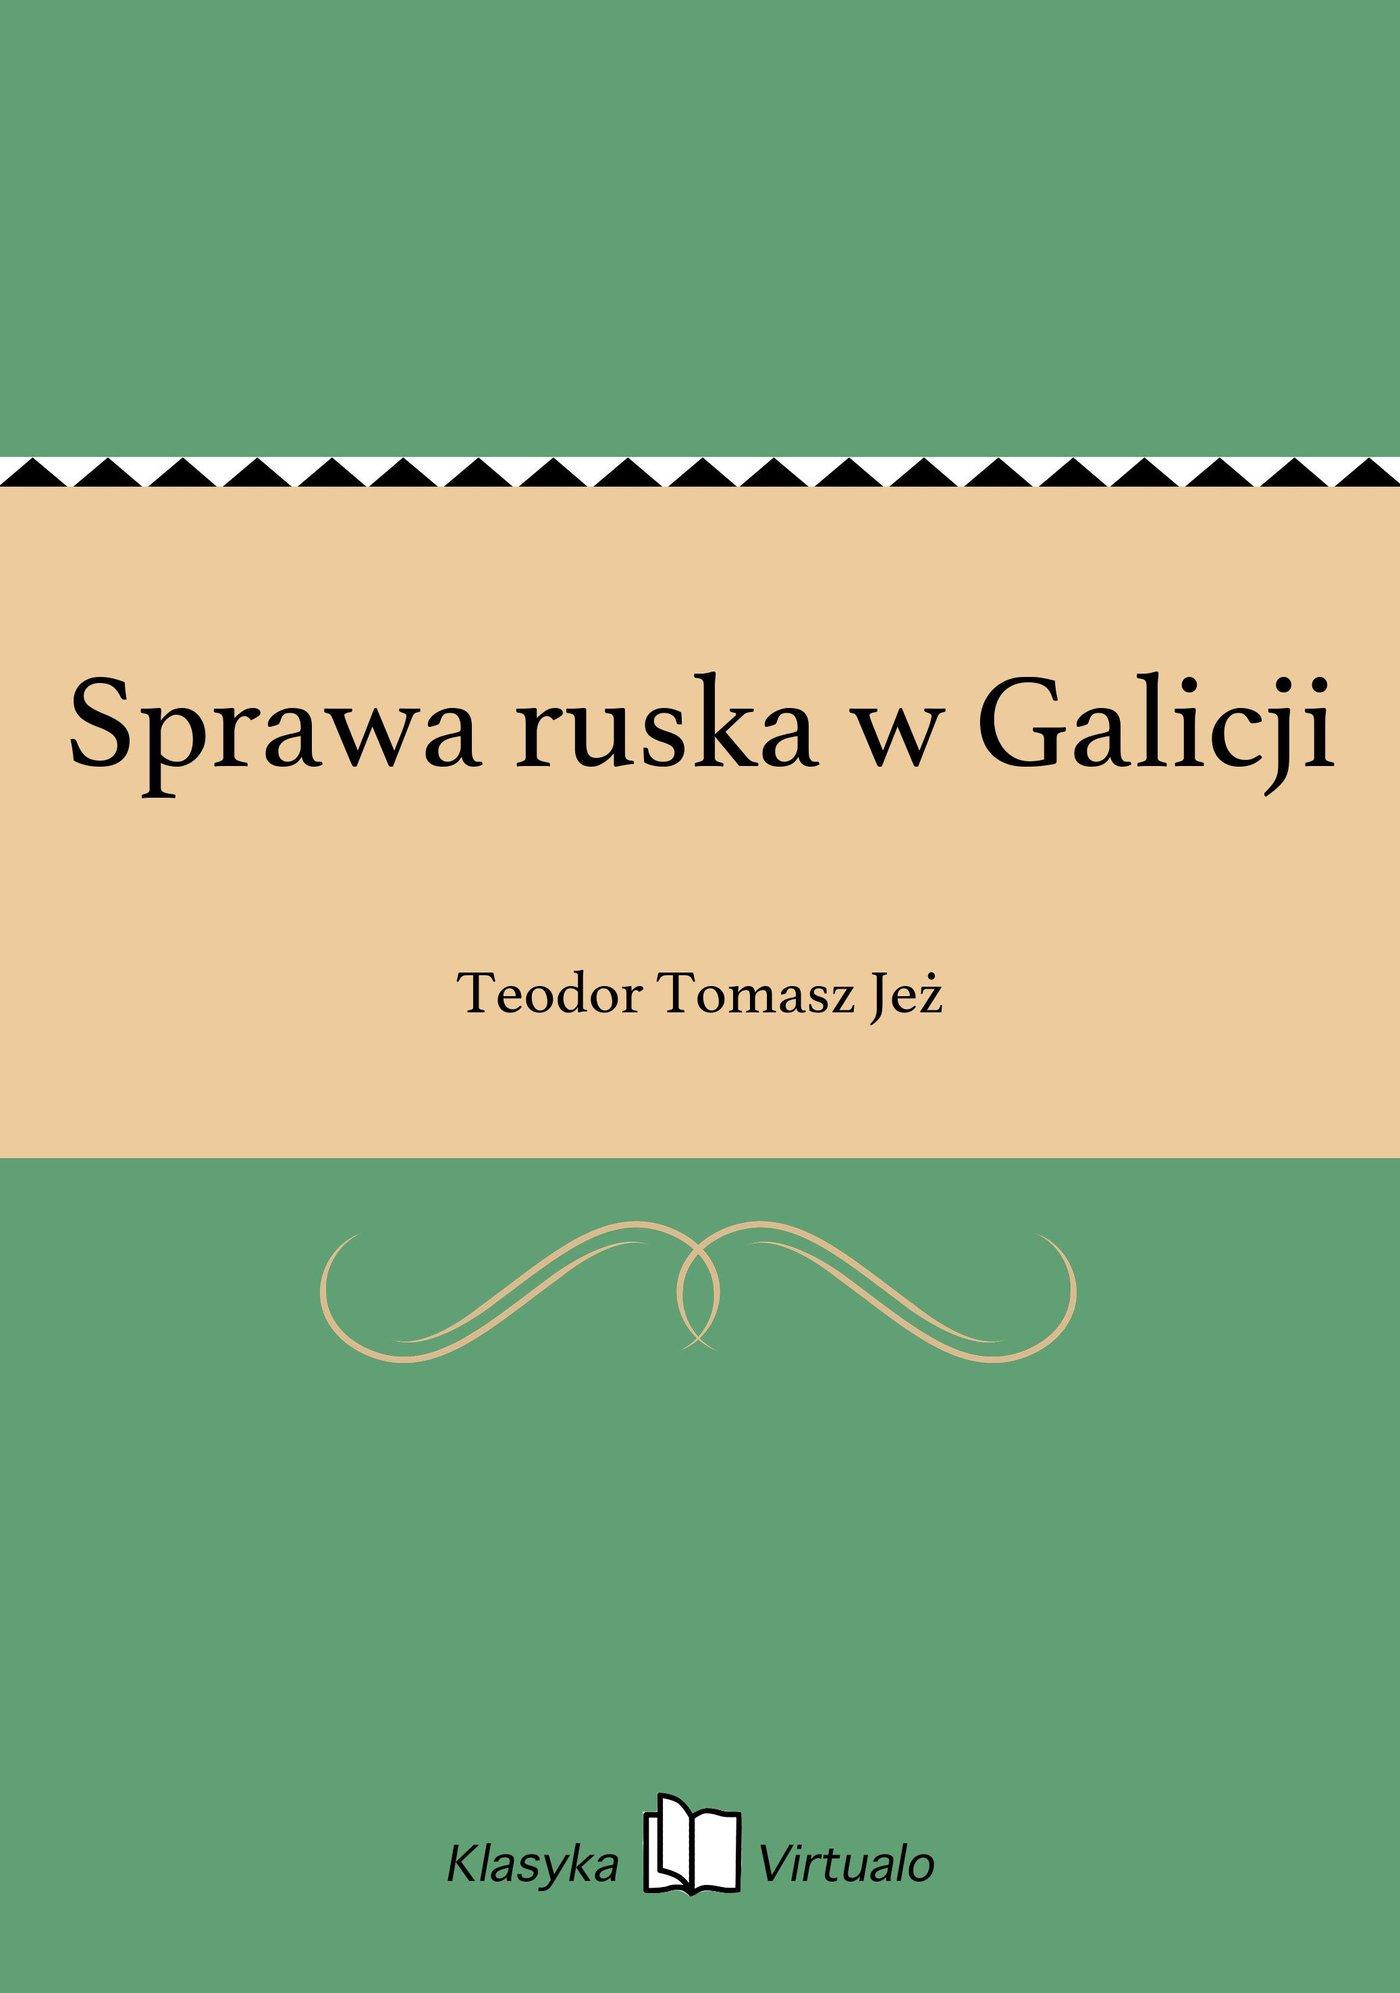 Sprawa ruska w Galicji - Ebook (Książka EPUB) do pobrania w formacie EPUB